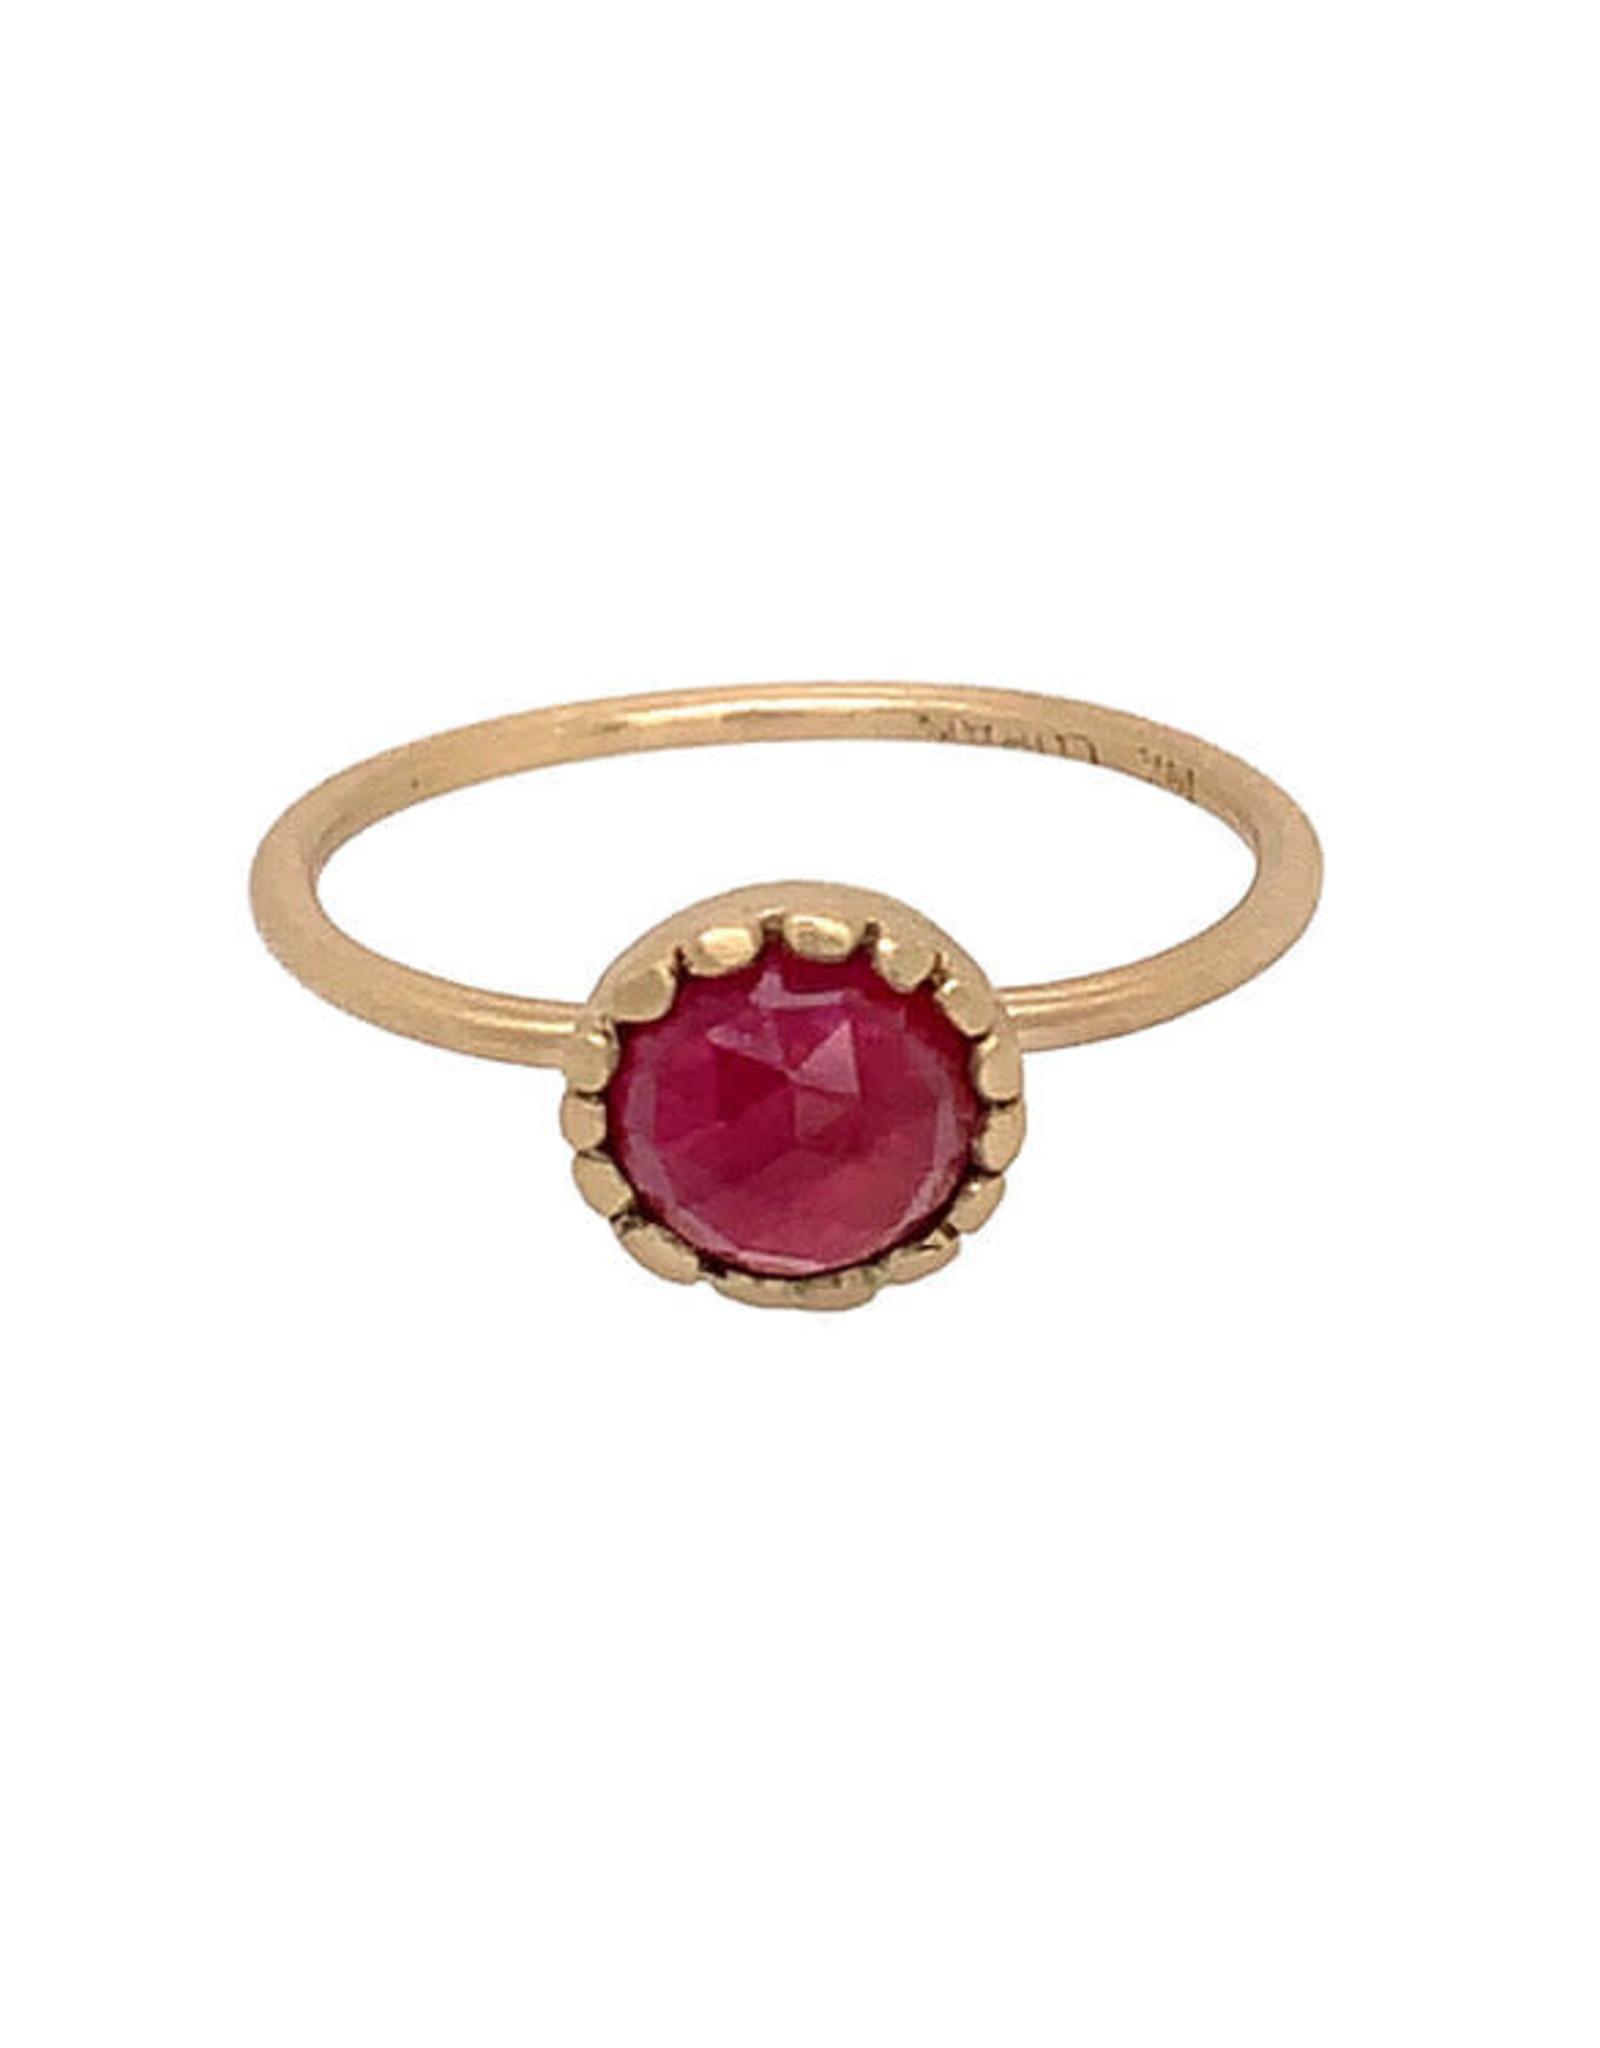 Lorak Jewelry Pebble Ring - Sz. 6.5